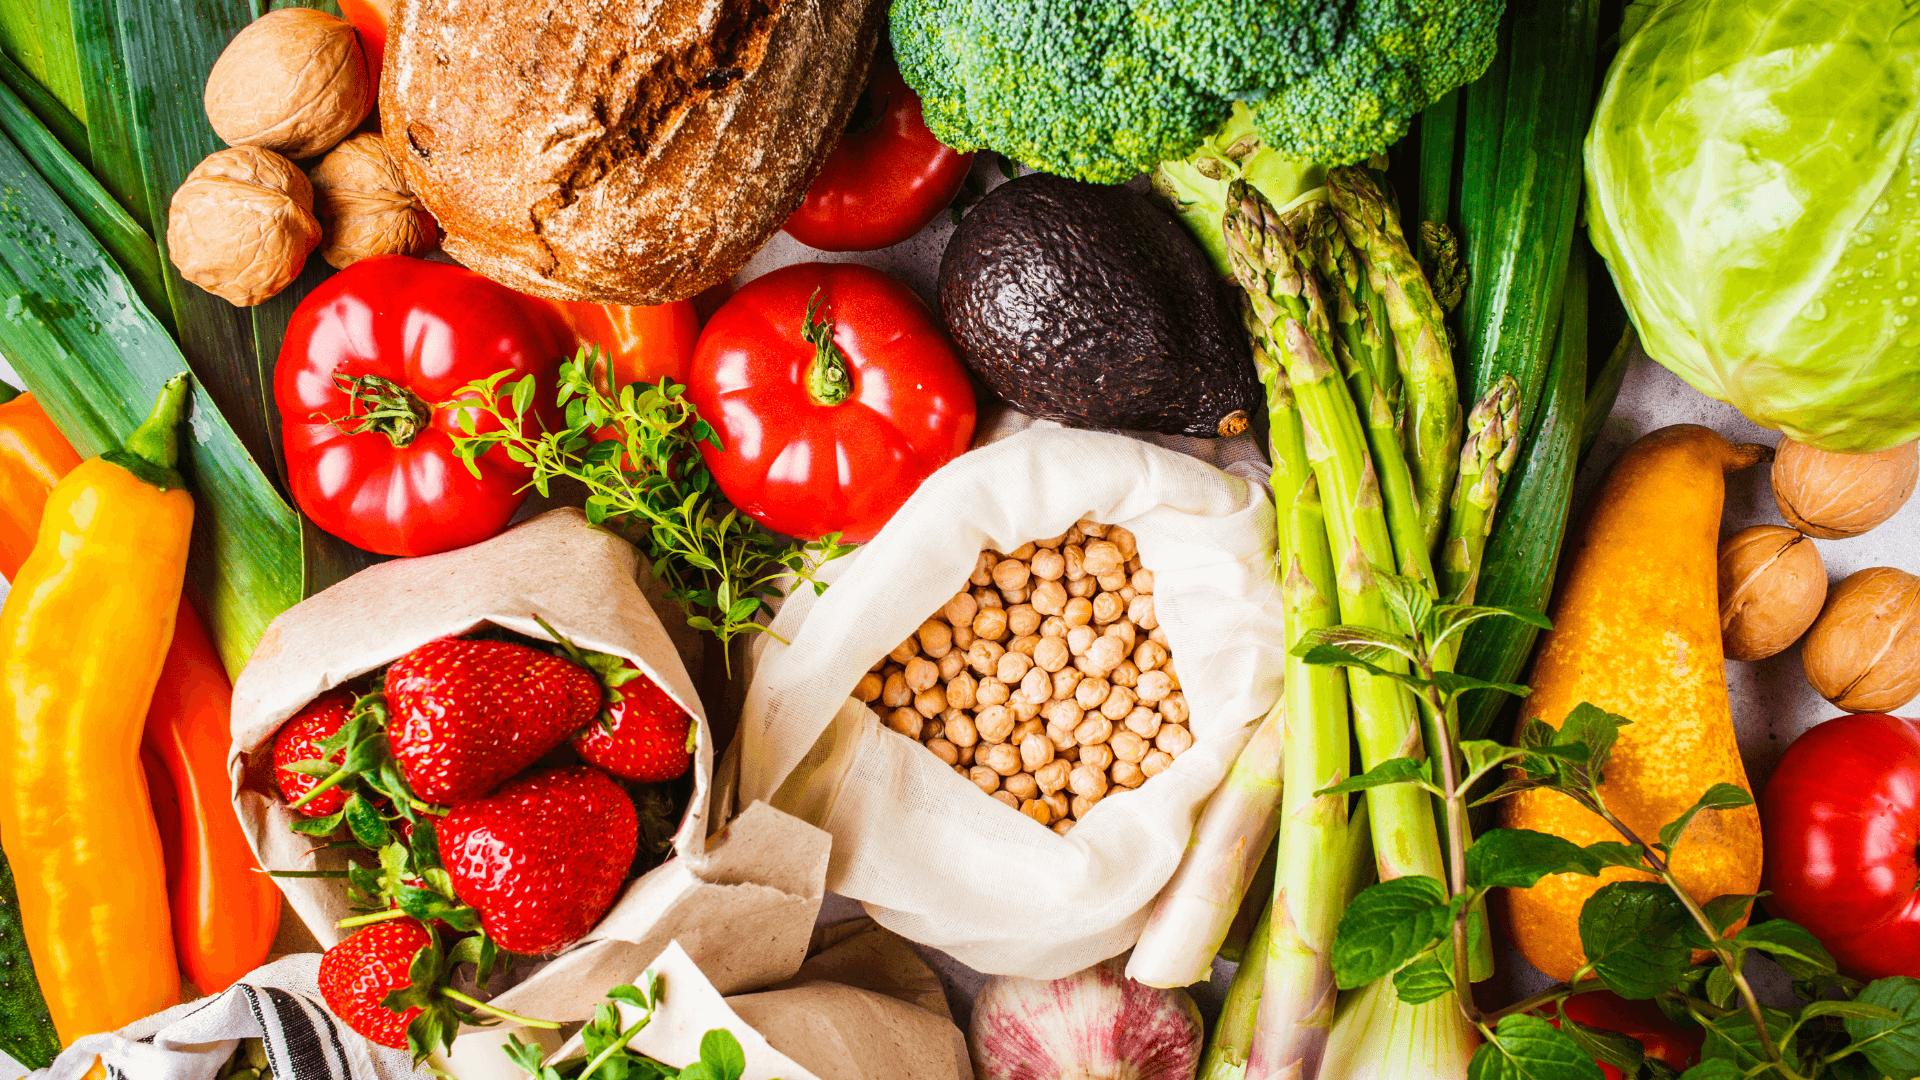 Vegetarian Food Spread